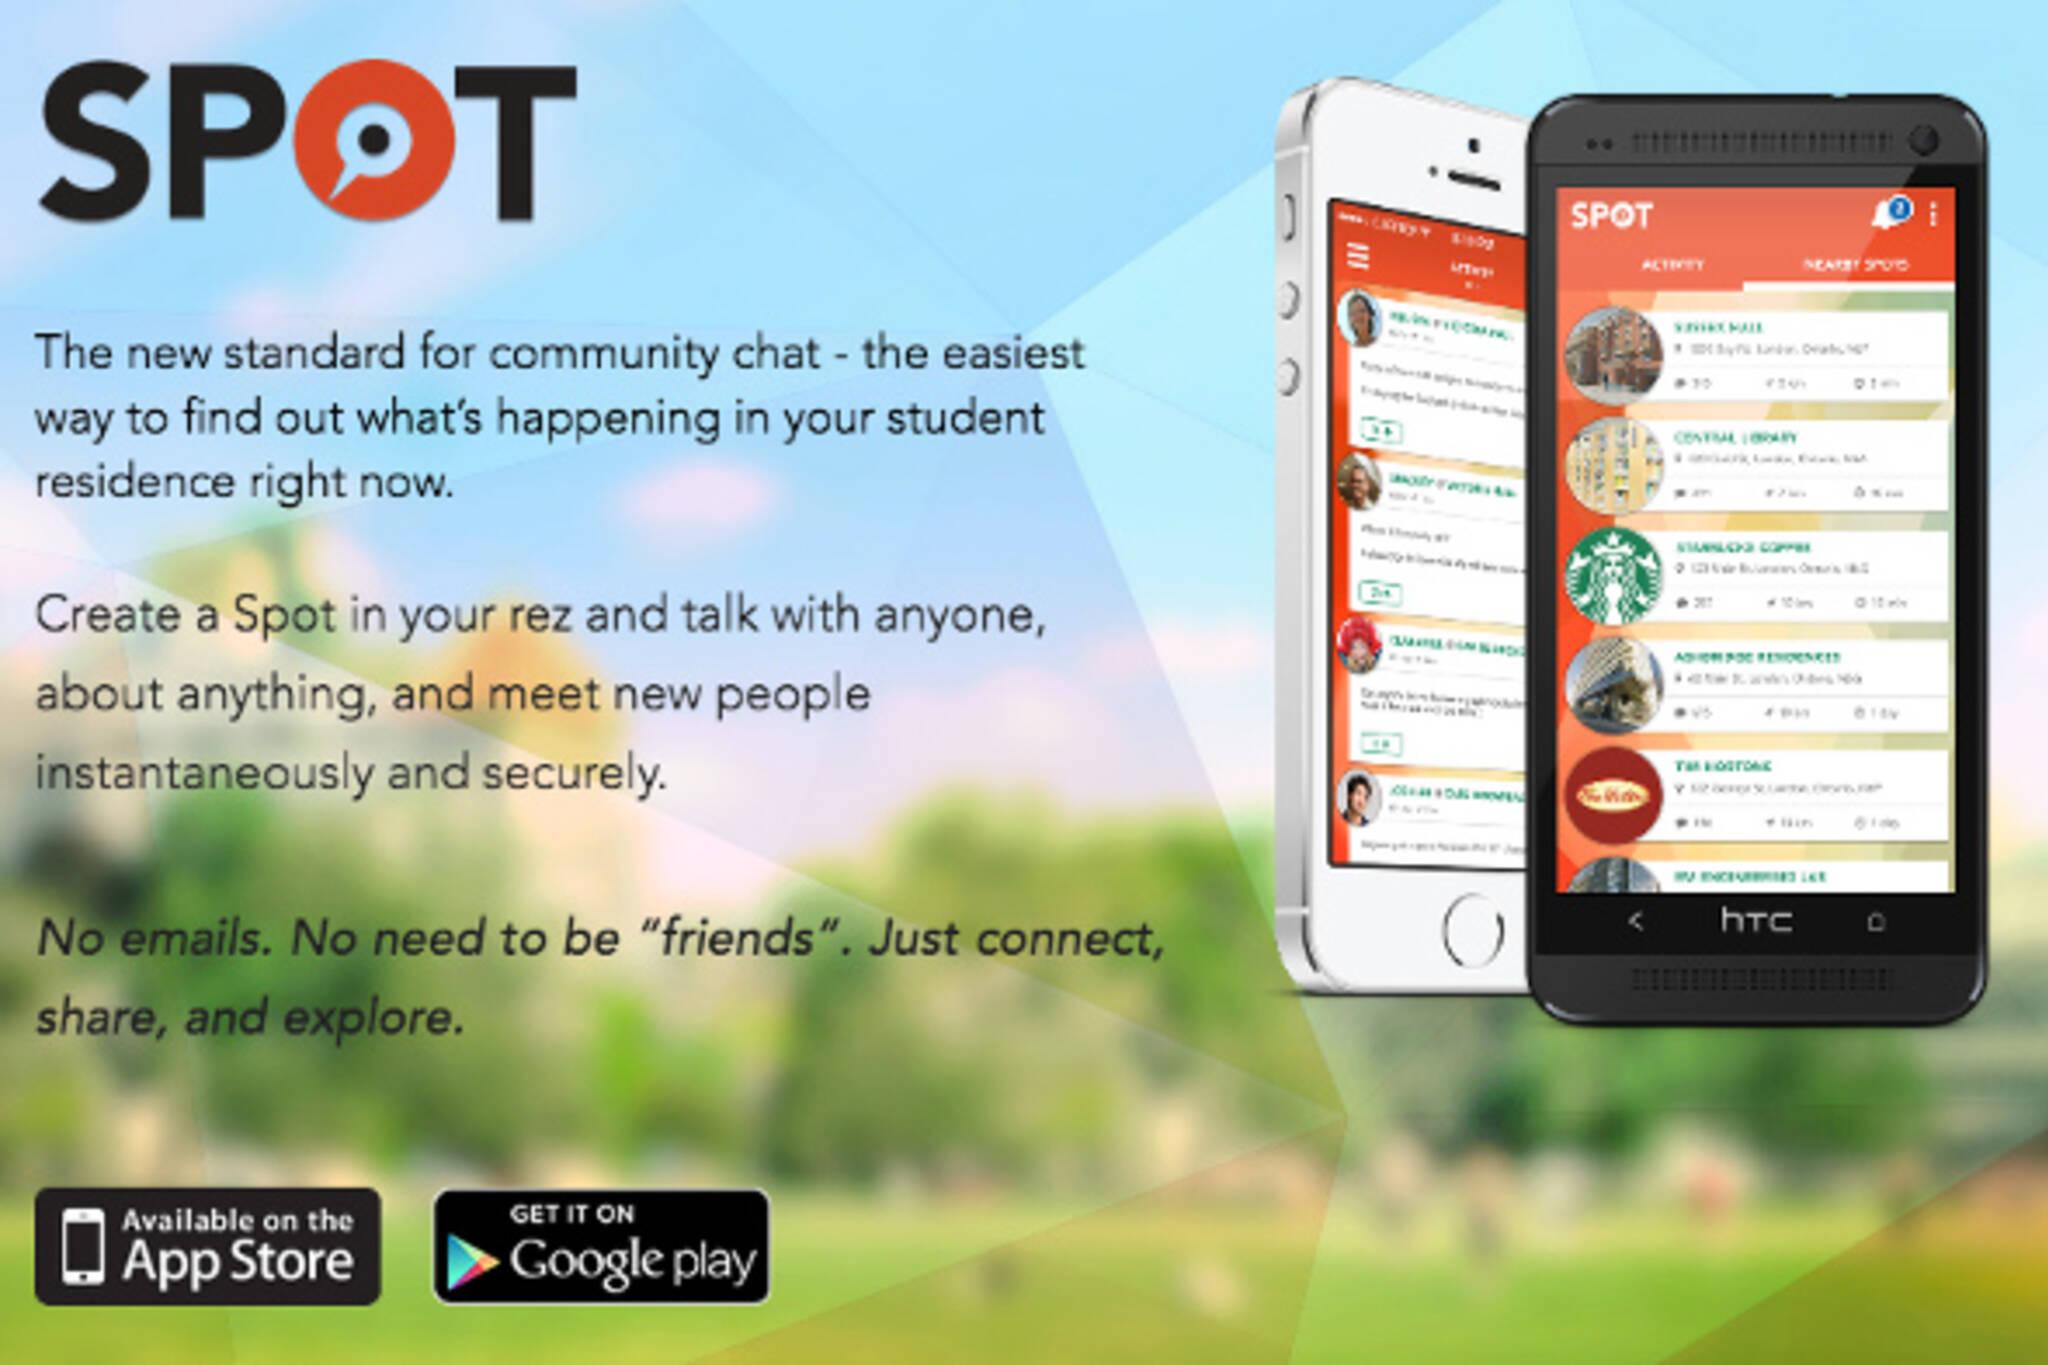 spot app